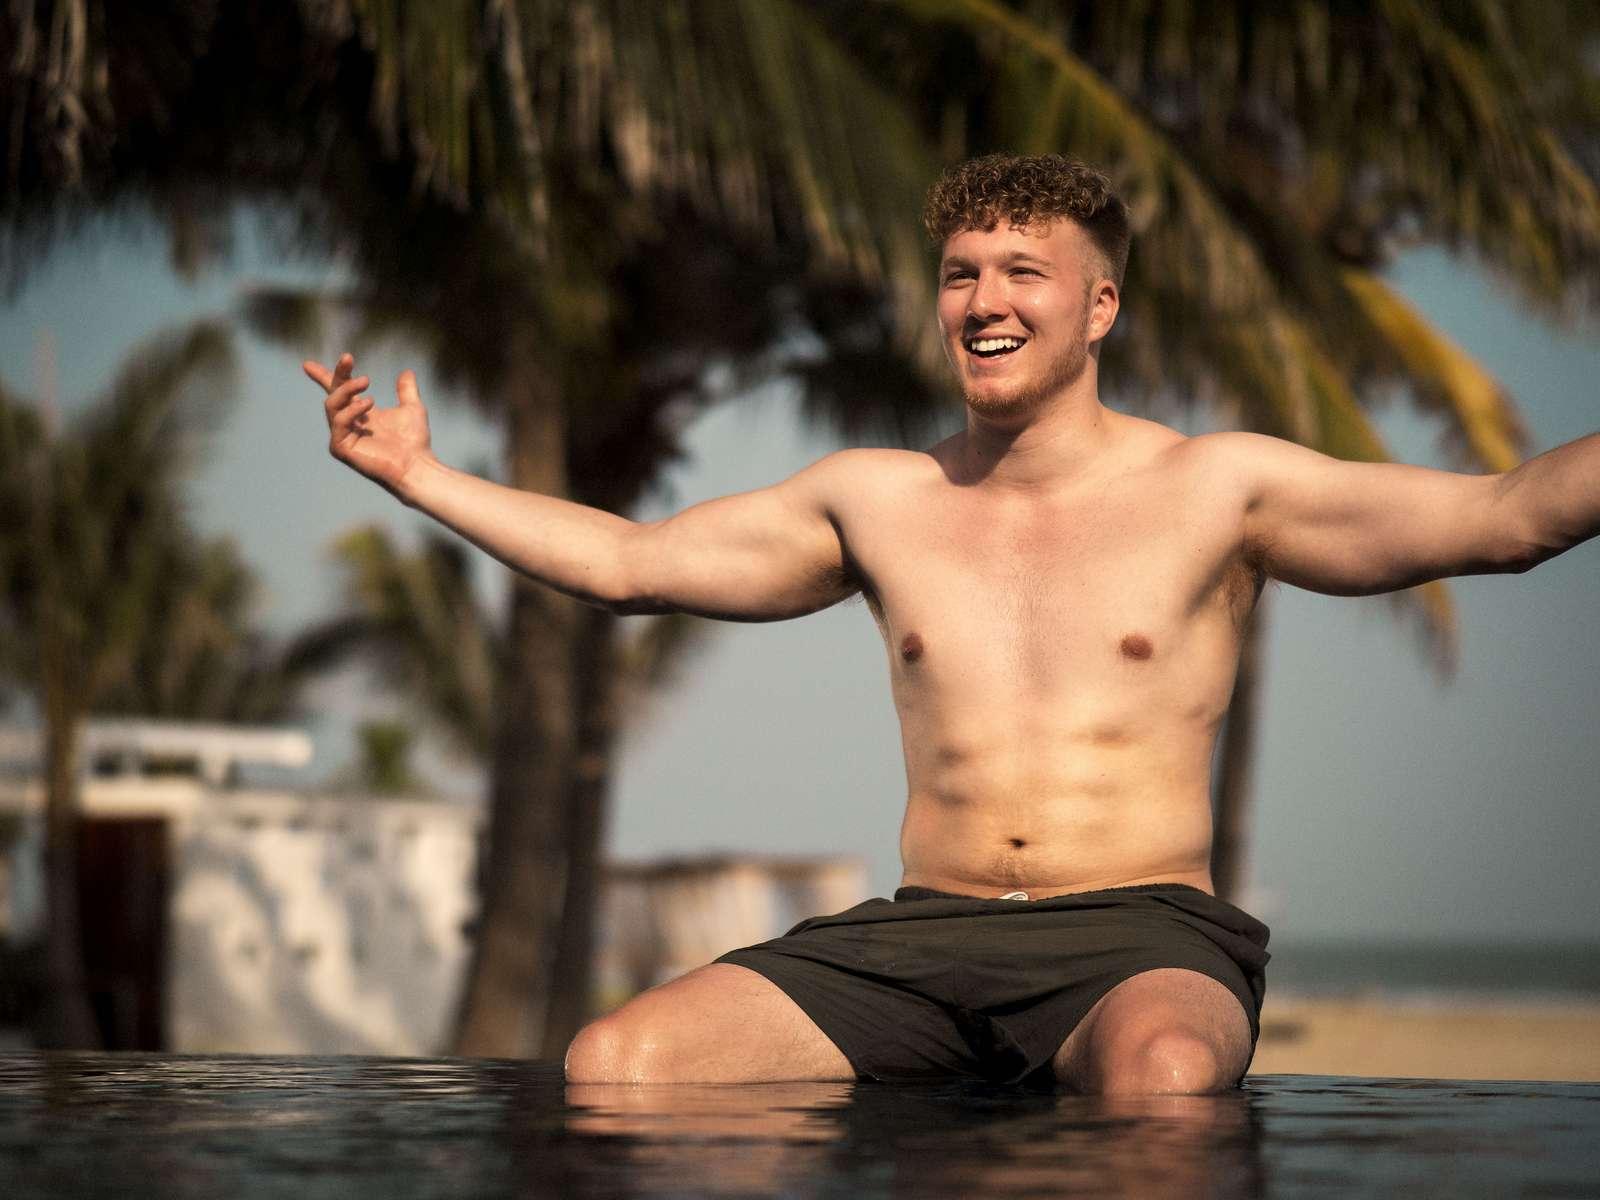 venäjän tytöt ja naiset etsii miestä pyhäjärvi seksideitti sivusto iisalmi